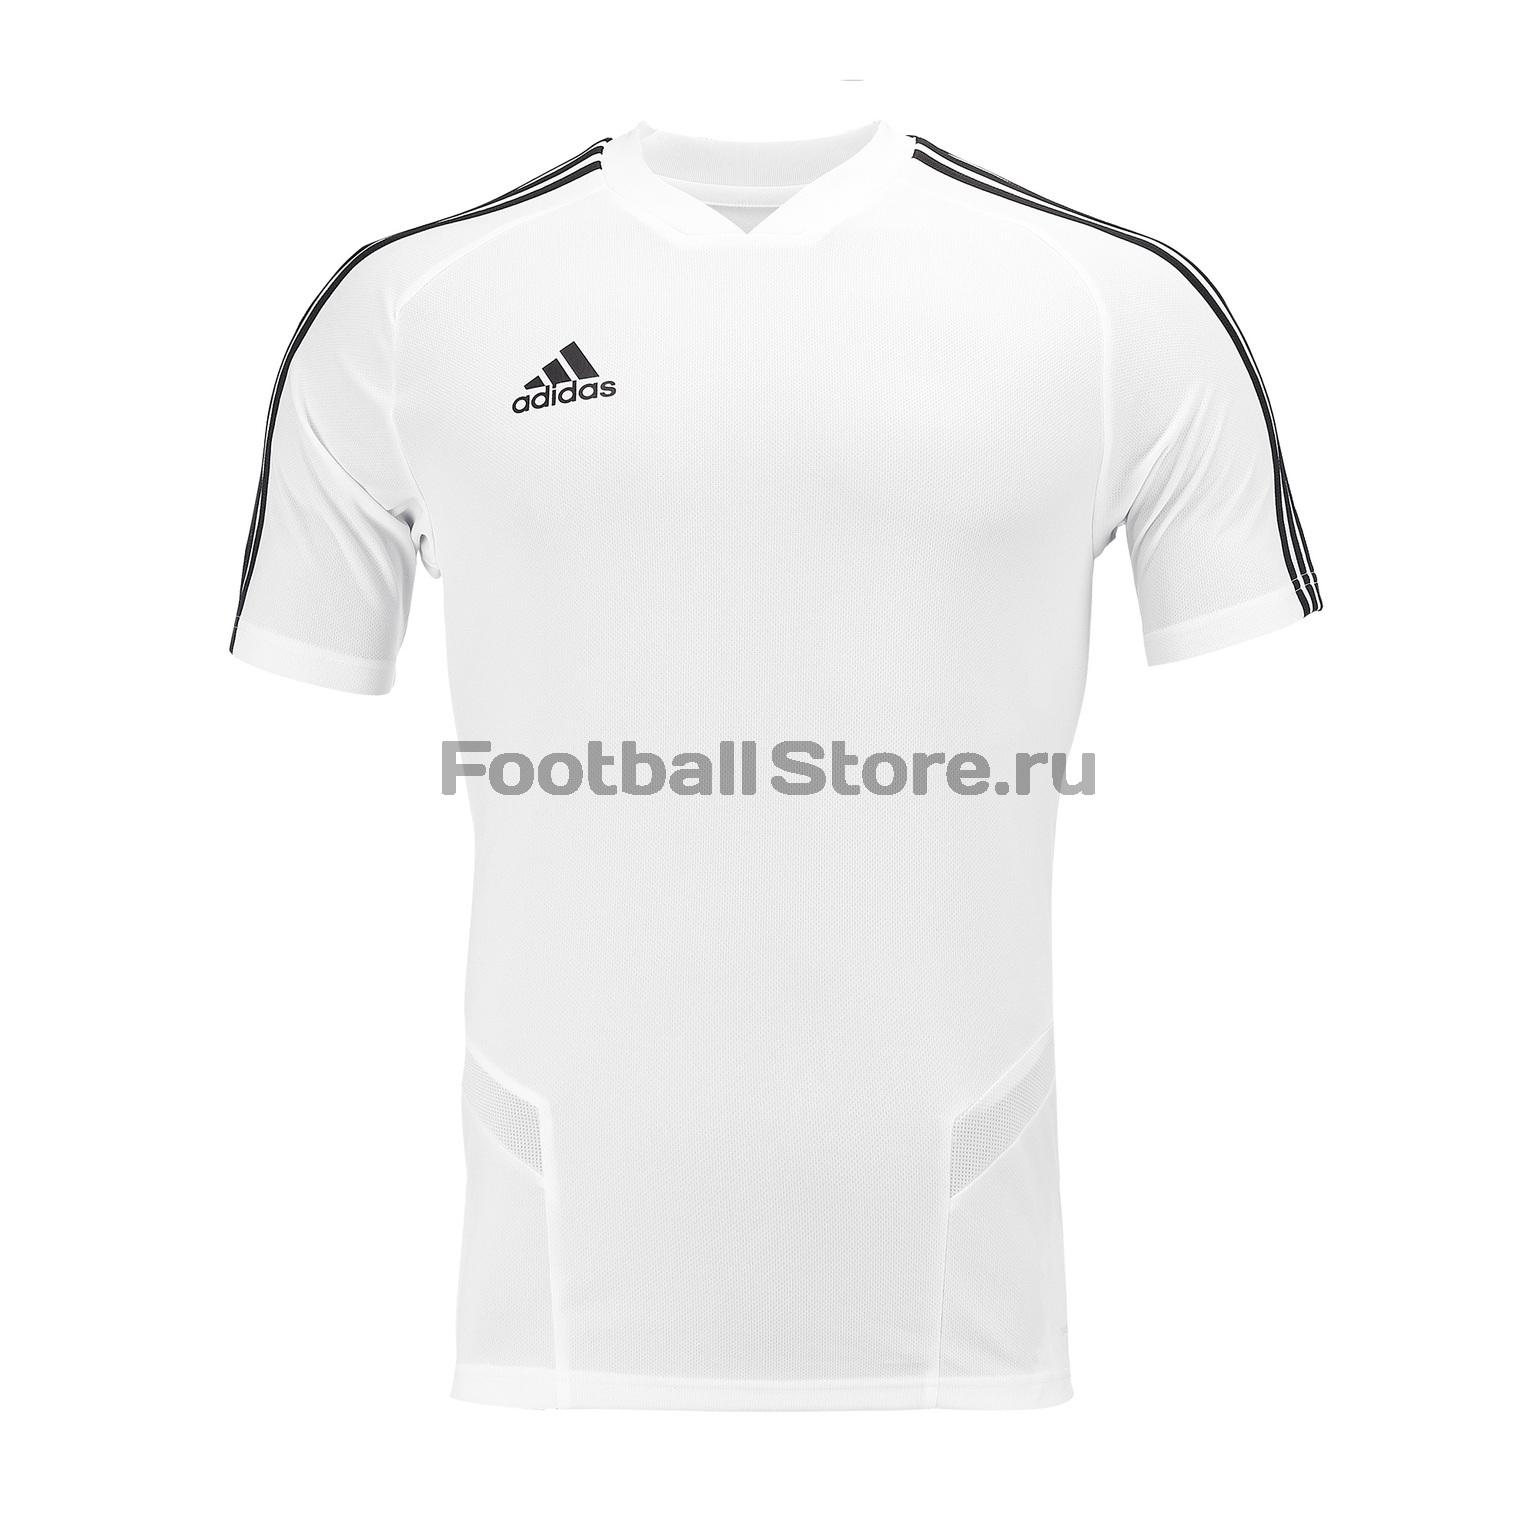 Футболка тренировочная Adidas Tiro19 TR JSY DT5288 футболка тренировочная adidas tiro19 tr jsy dt5288